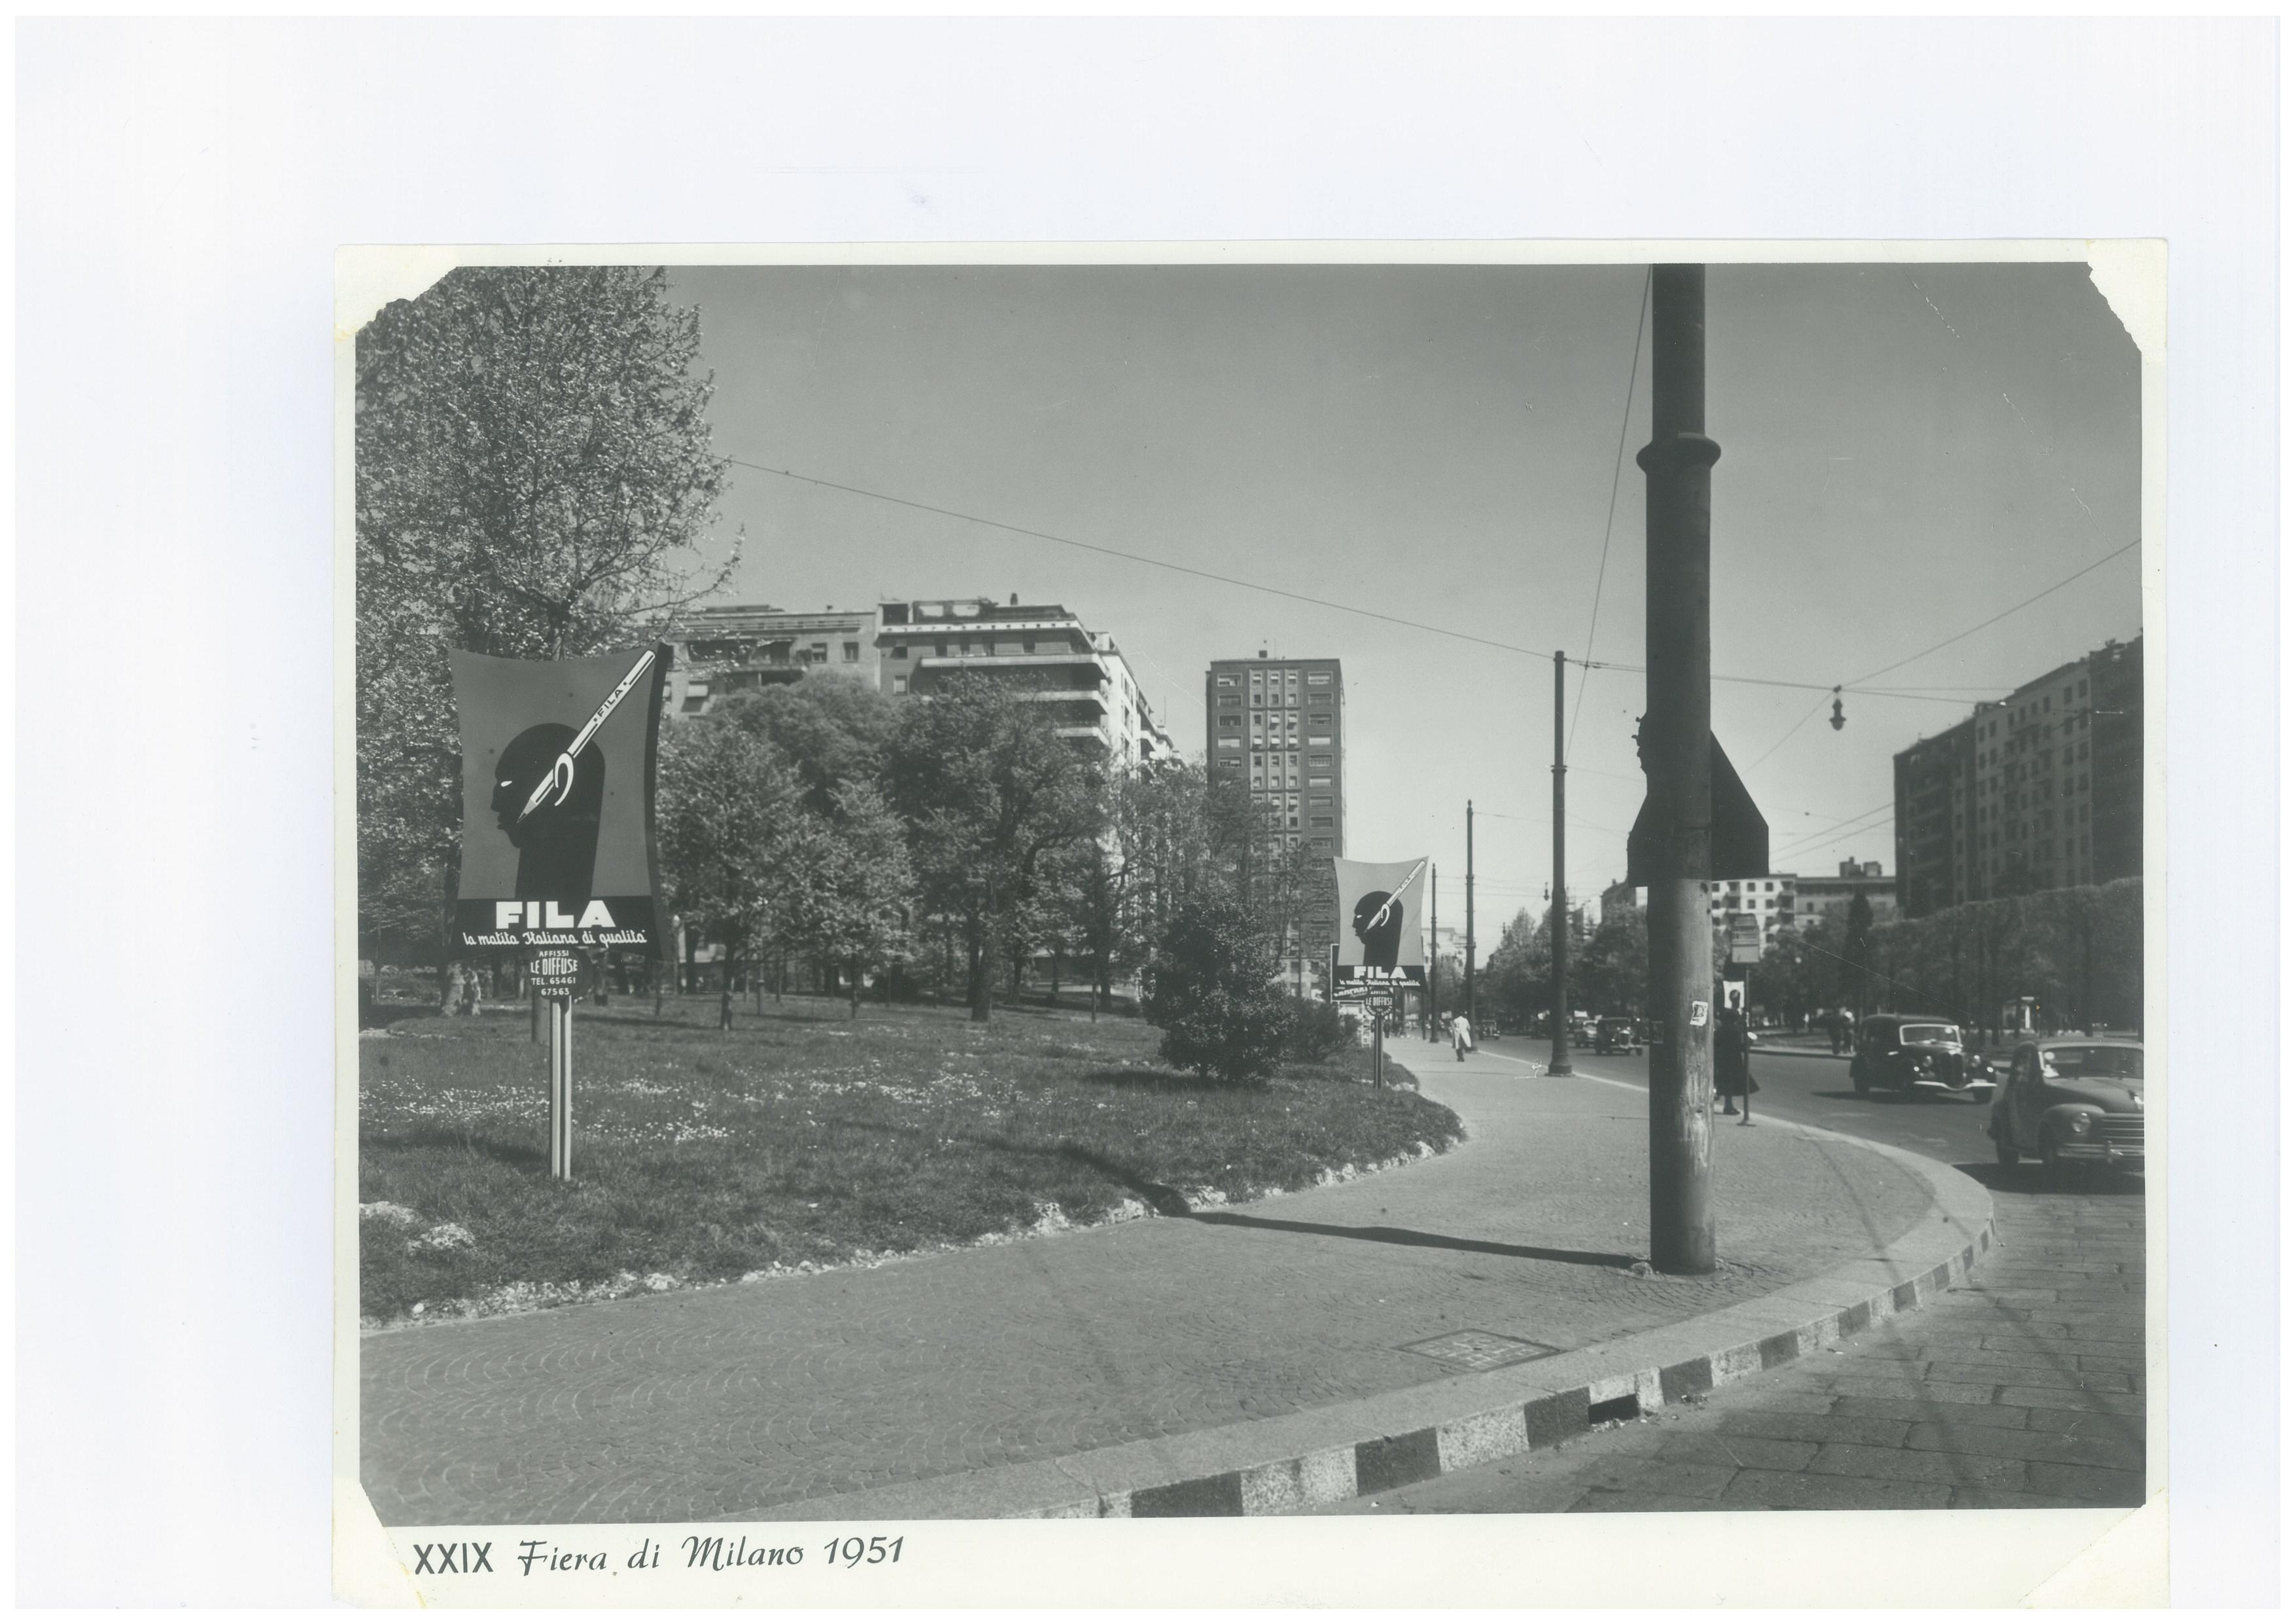 Piazza della Repubblica 1951 e cartelloni pubblicitari prodotti esposti presso la Fiera Campionaria di quel periodo. (fonte web rpfashionglamournews)